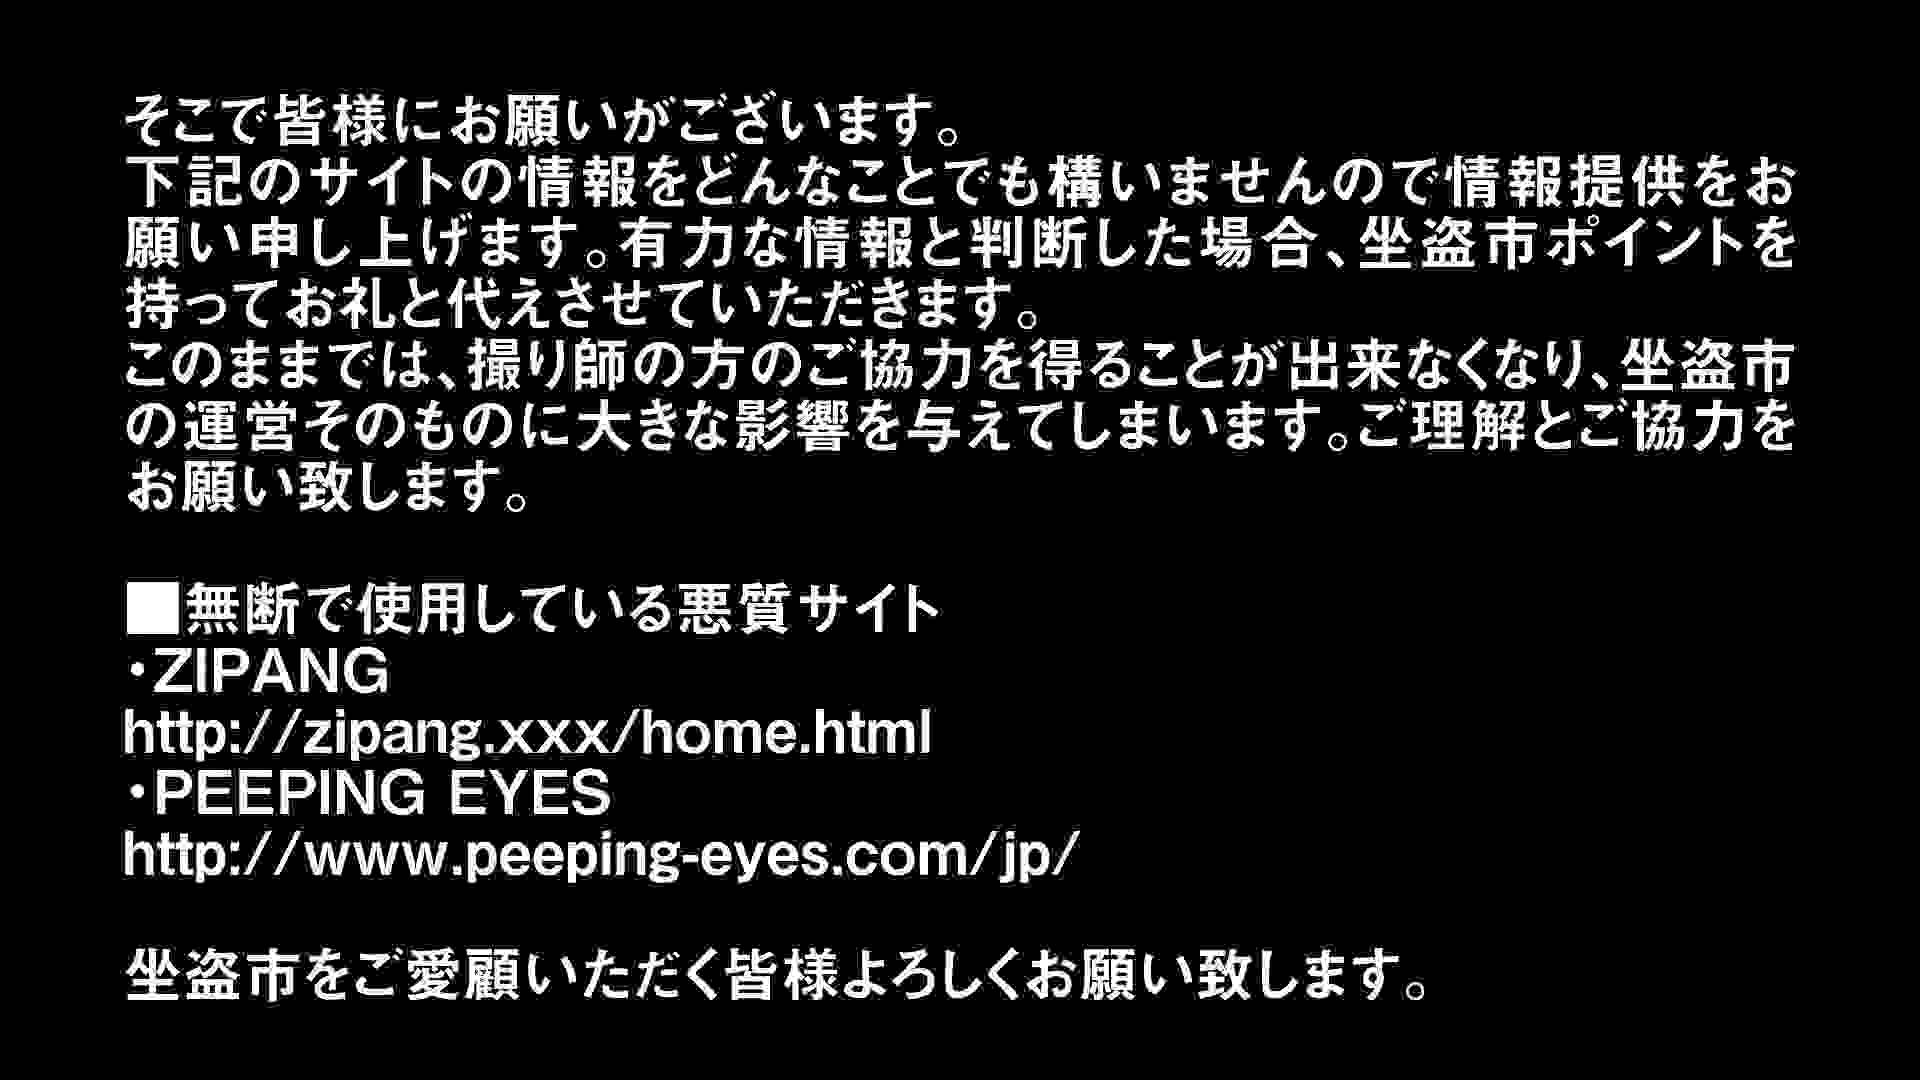 Aquaな露天風呂Vol.297 OLエロ画像 | 盗撮  99PICs 31